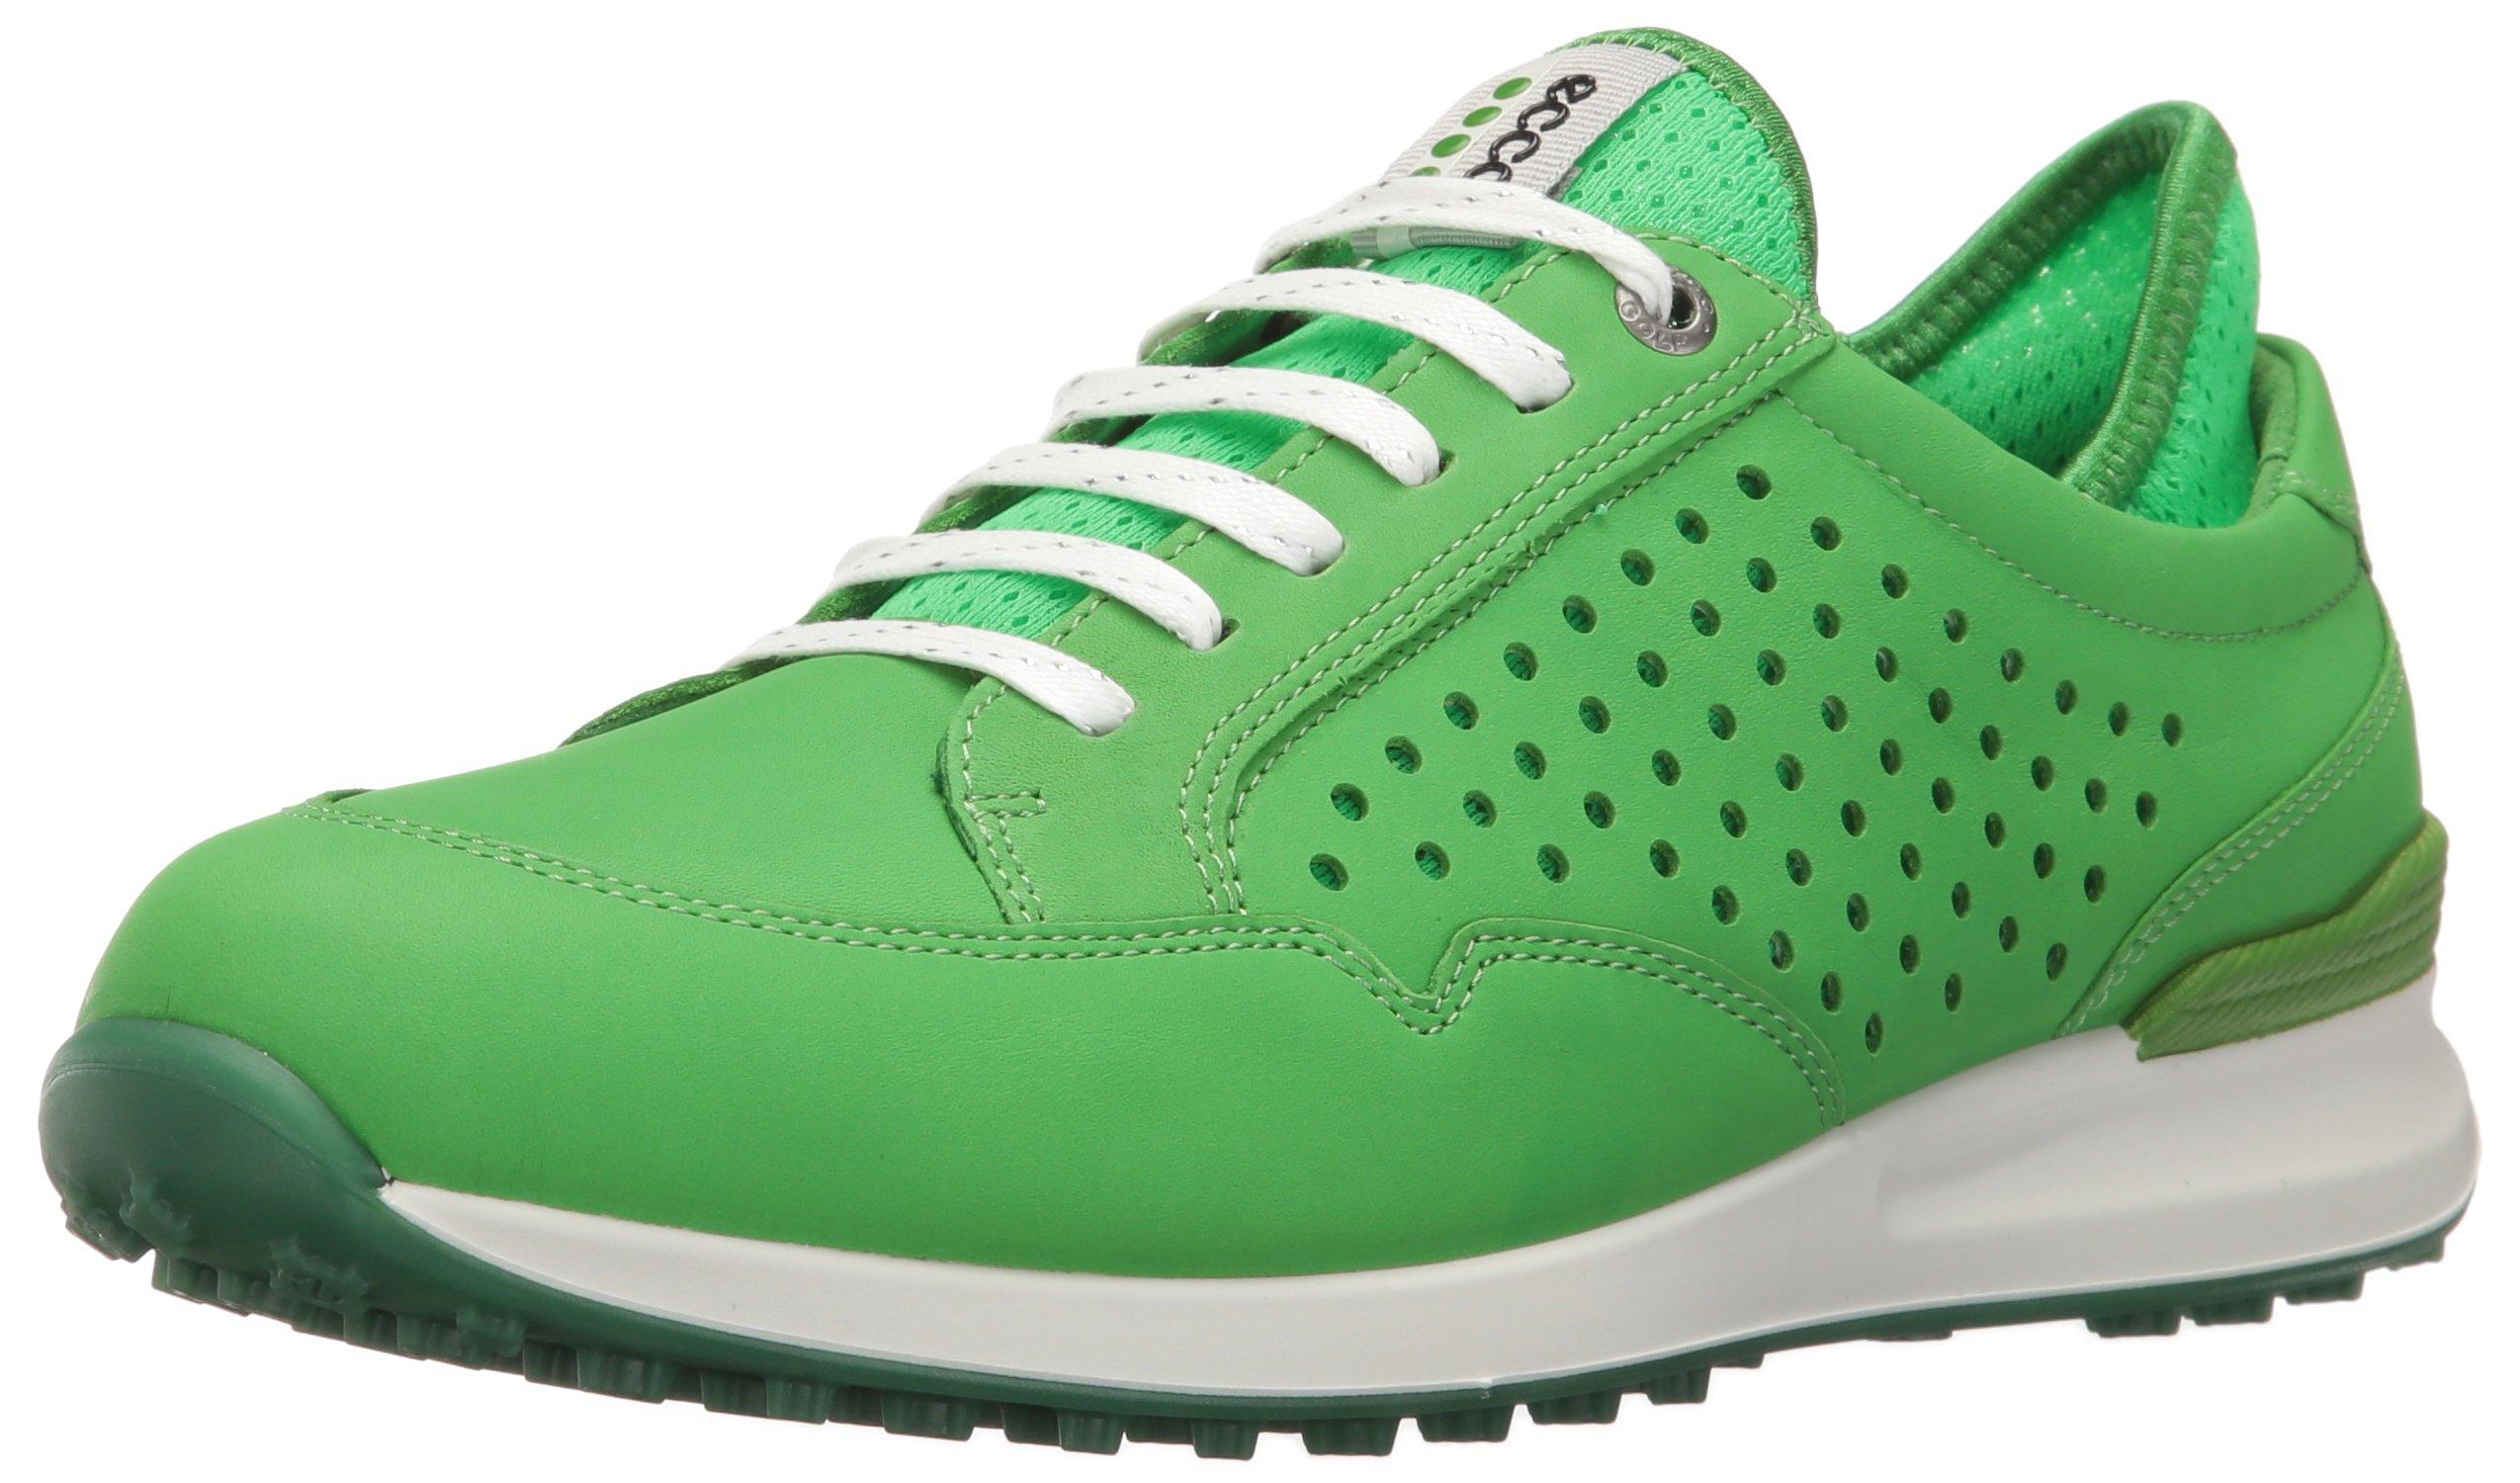 ECCO Women's Speed Hybrid Golf Shoe, Meadow/Toucan Neon, 38 EU/7-7.5 M US